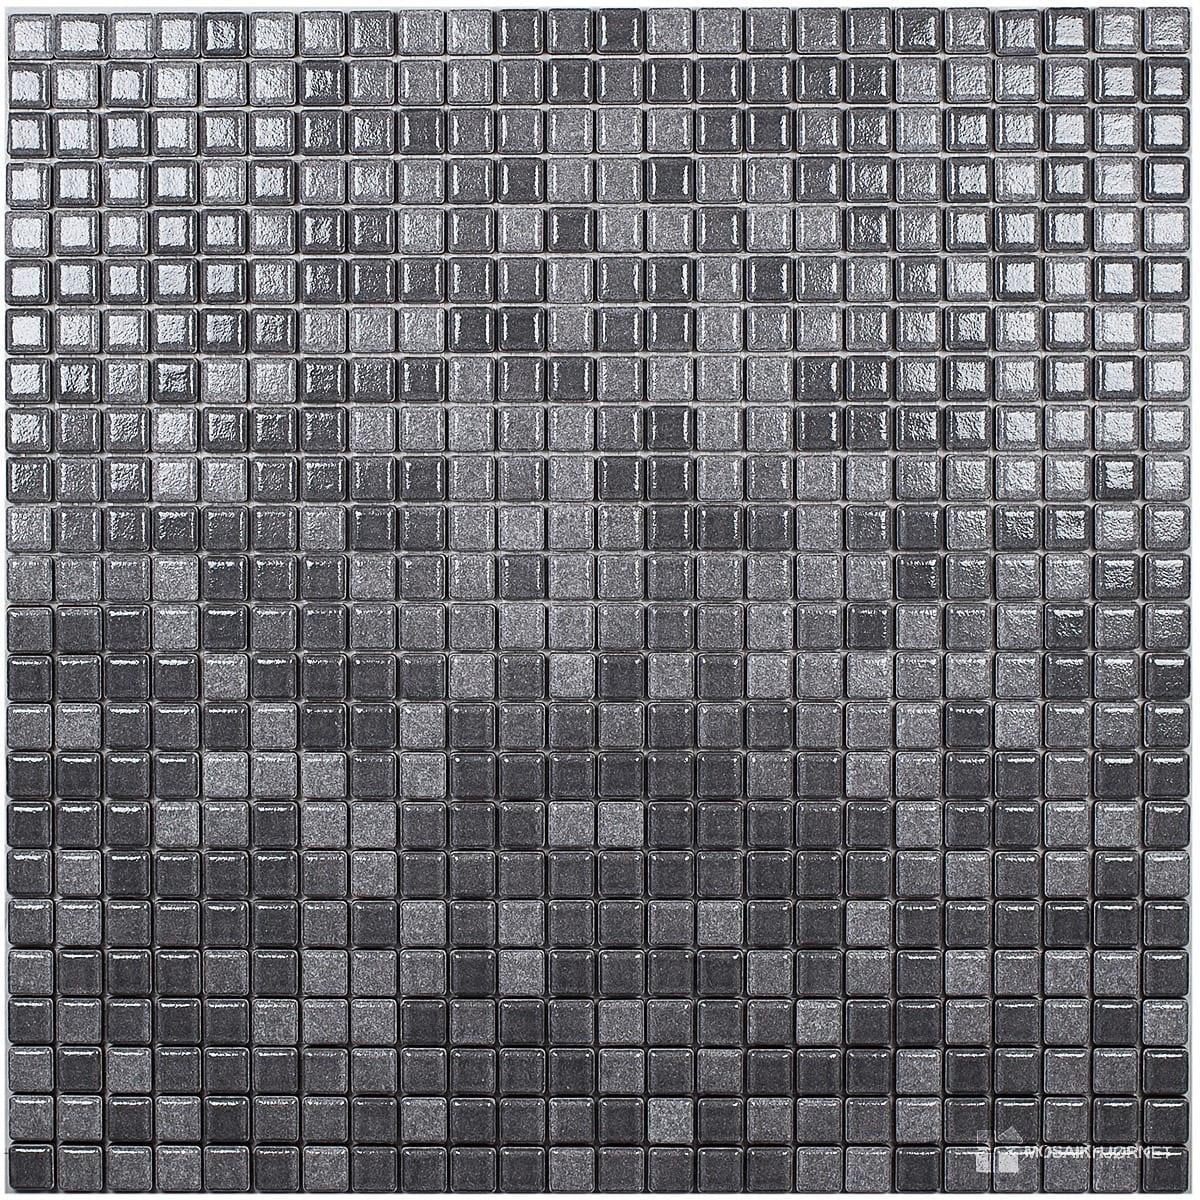 #5F656C Mest effektive 1 2x1 2 Blyrod (30x30) Mosaikhjørnet Fliser Klinker Og Mosaik Til Badevæ  Fliser Til Bad Og Køkken 4805 120012004805